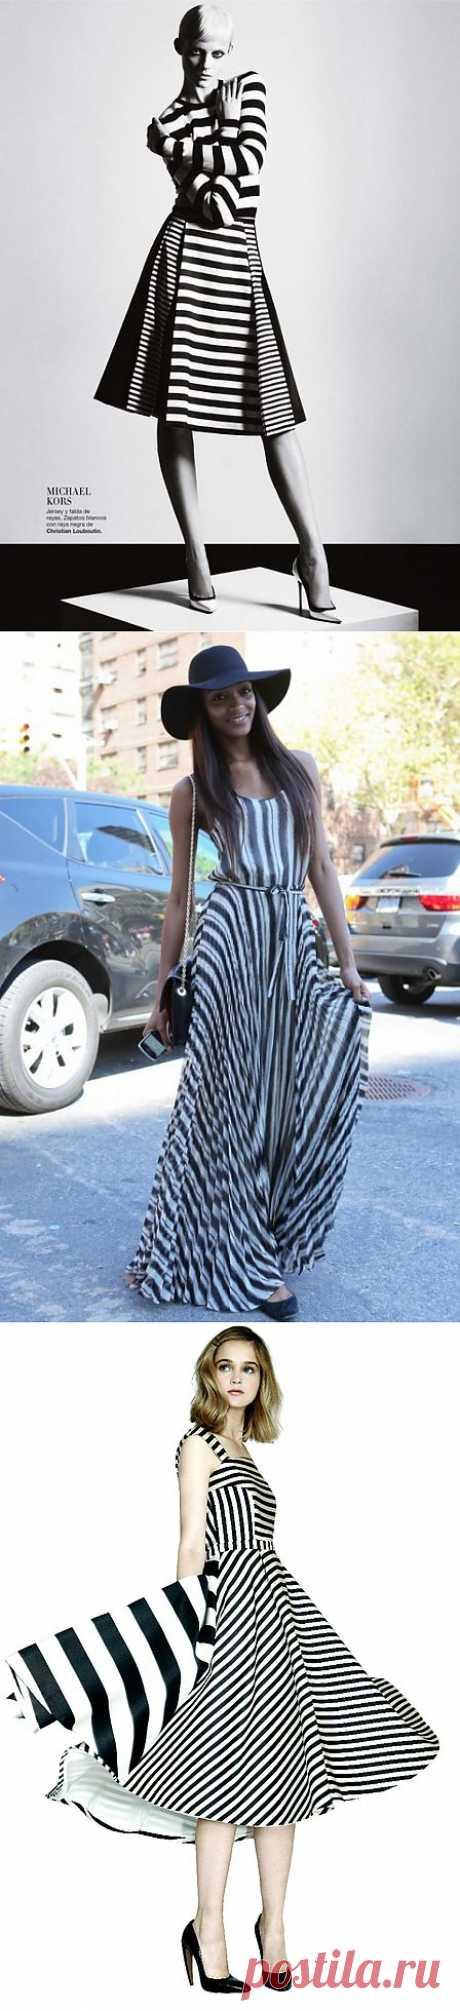 Полоса белая, полоса черная...(трафик) / Тенденции / Модный сайт о стильной переделке одежды и интерьера